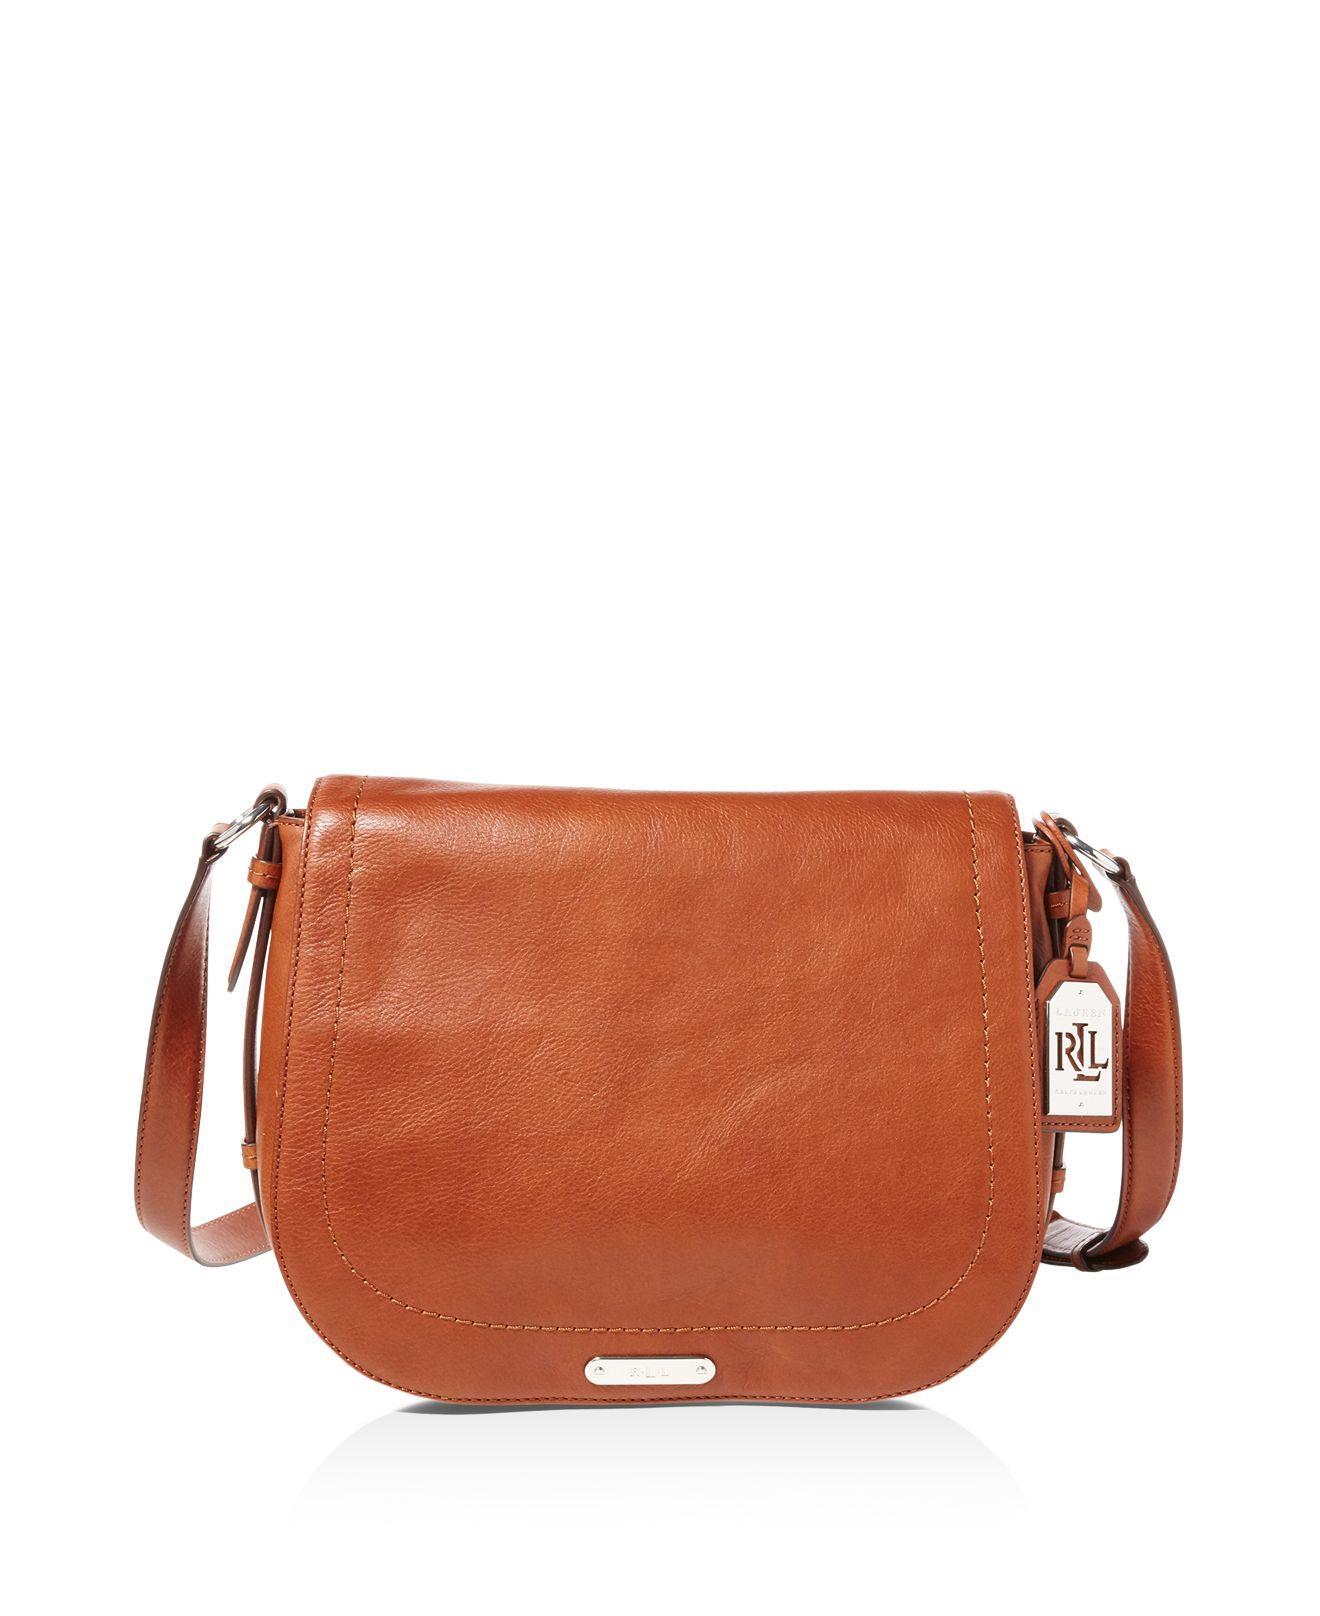 6a1603492d849 Lyst - Ralph Lauren Lauren Glenmore Larisa Saddle Bag in Brown